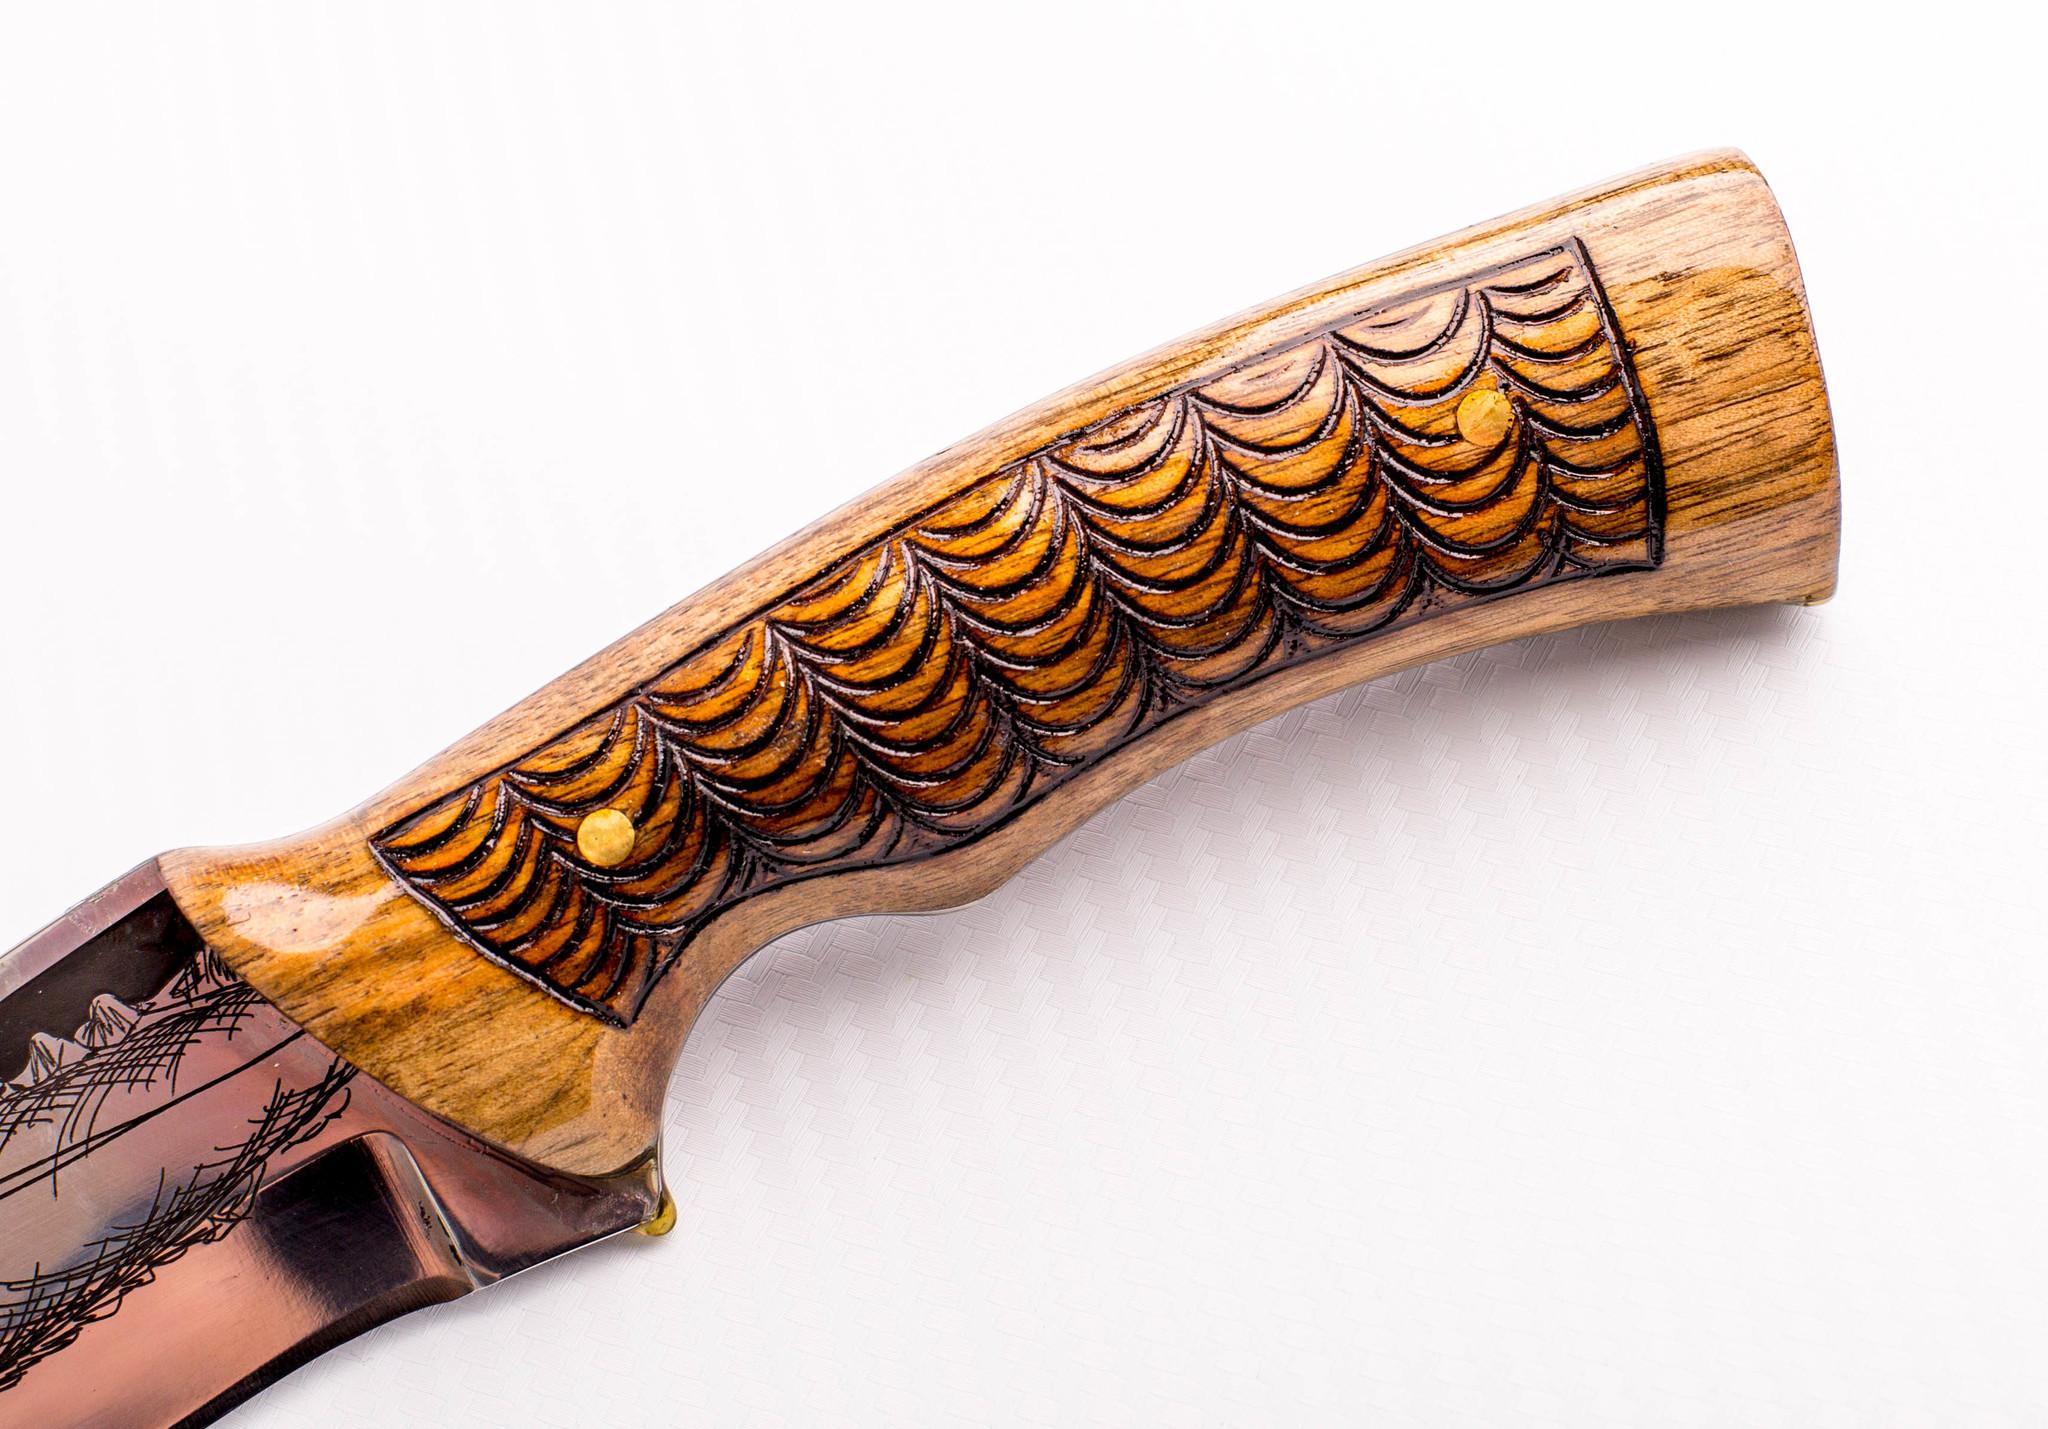 Фото 8 - Нож Морской Волк, резной, Кизляр СТО, сталь 65х13